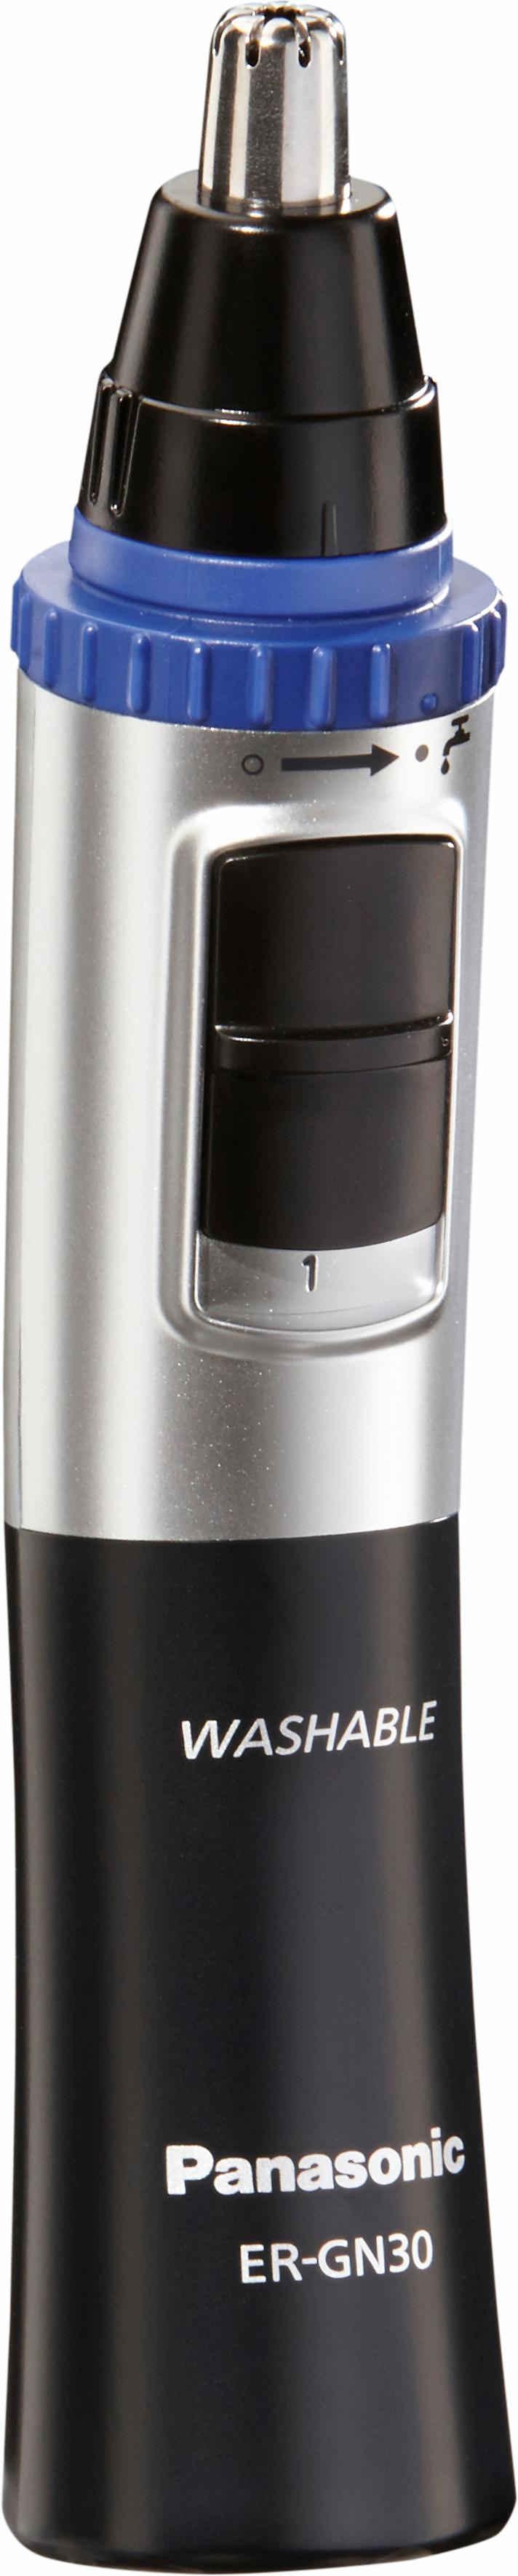 Panasonic Nasen- und Ohrhaartrimmer ER-GN30-K503, Präziser Cut für gepflegtes Aussehen